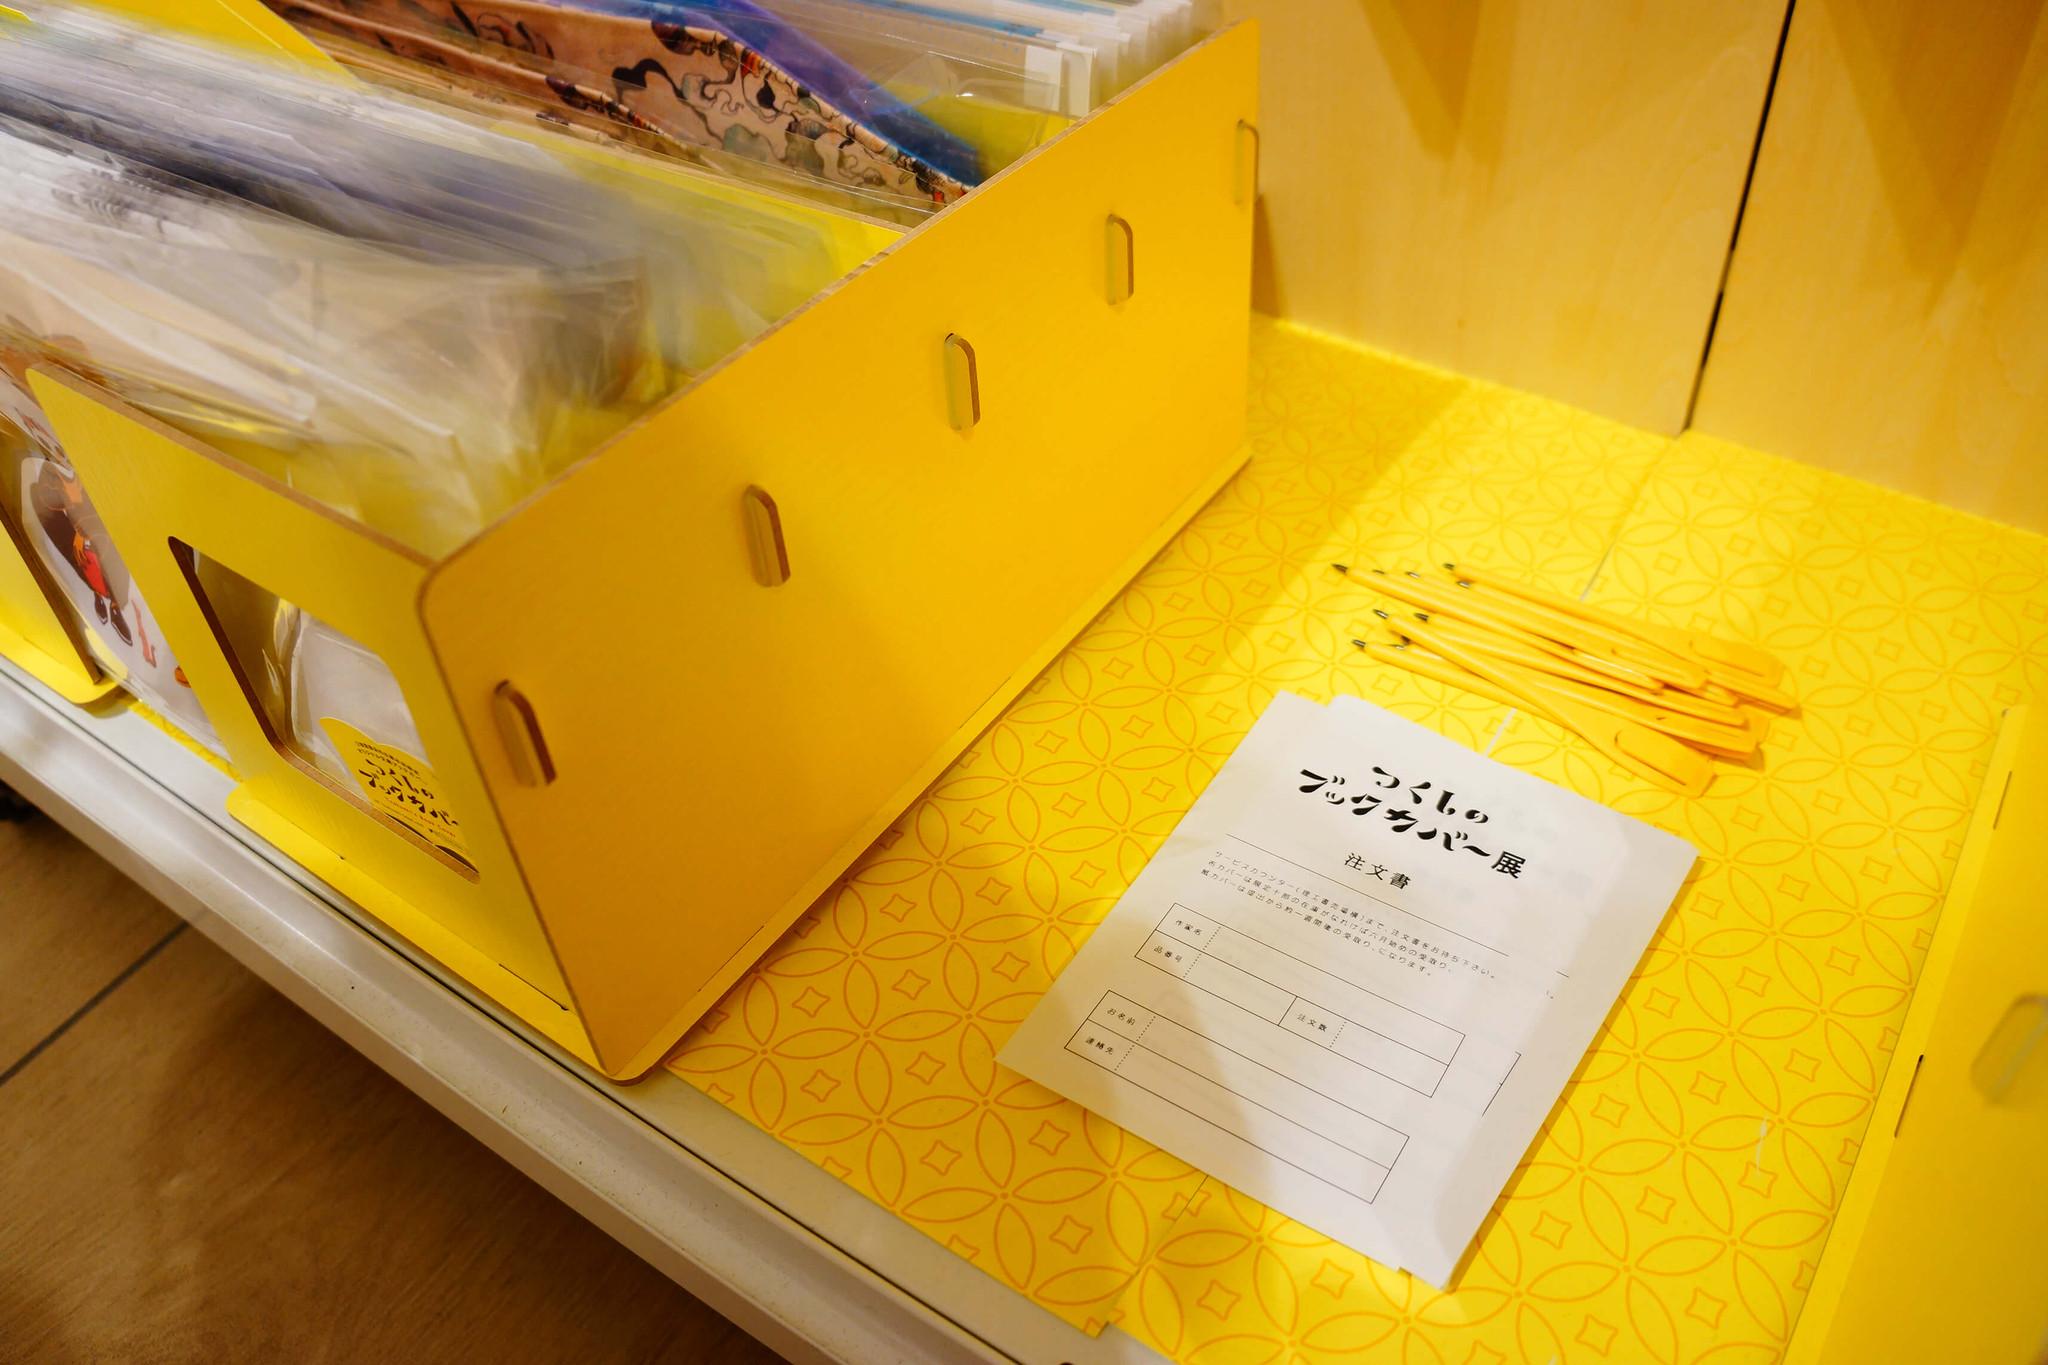 新作情報と布ブックカバー商品について